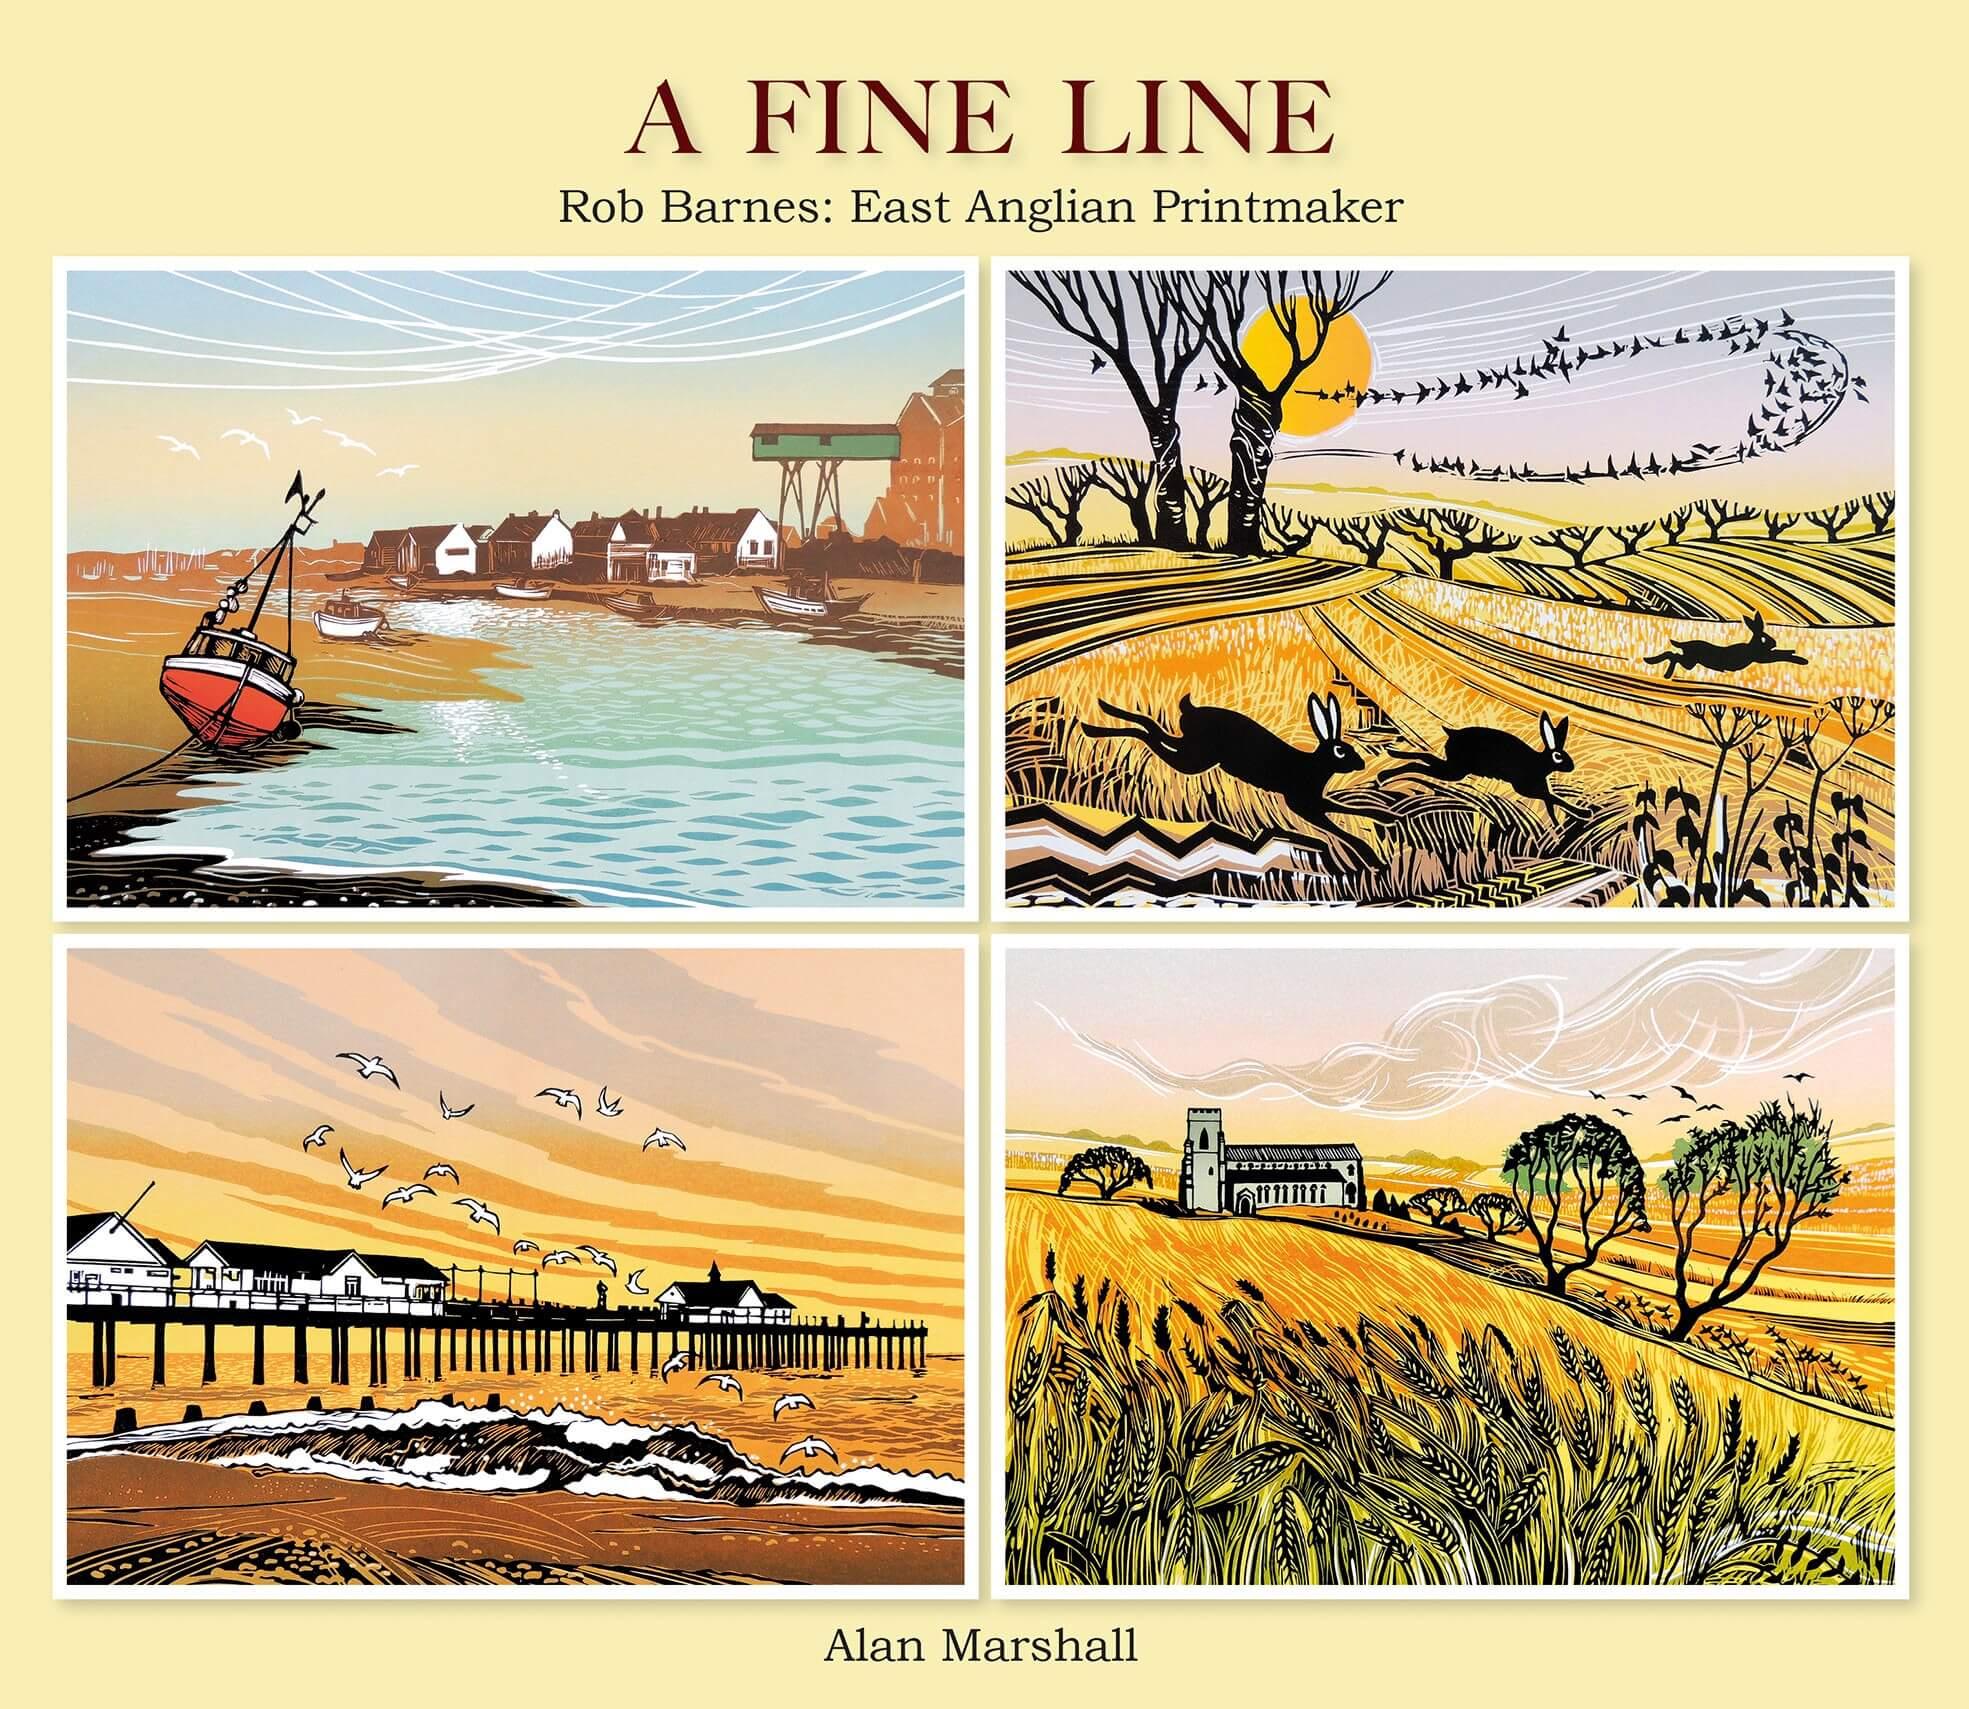 An image of A Fine Line: Rob Barnes: East Anglian Printmaker By Alan Marshall